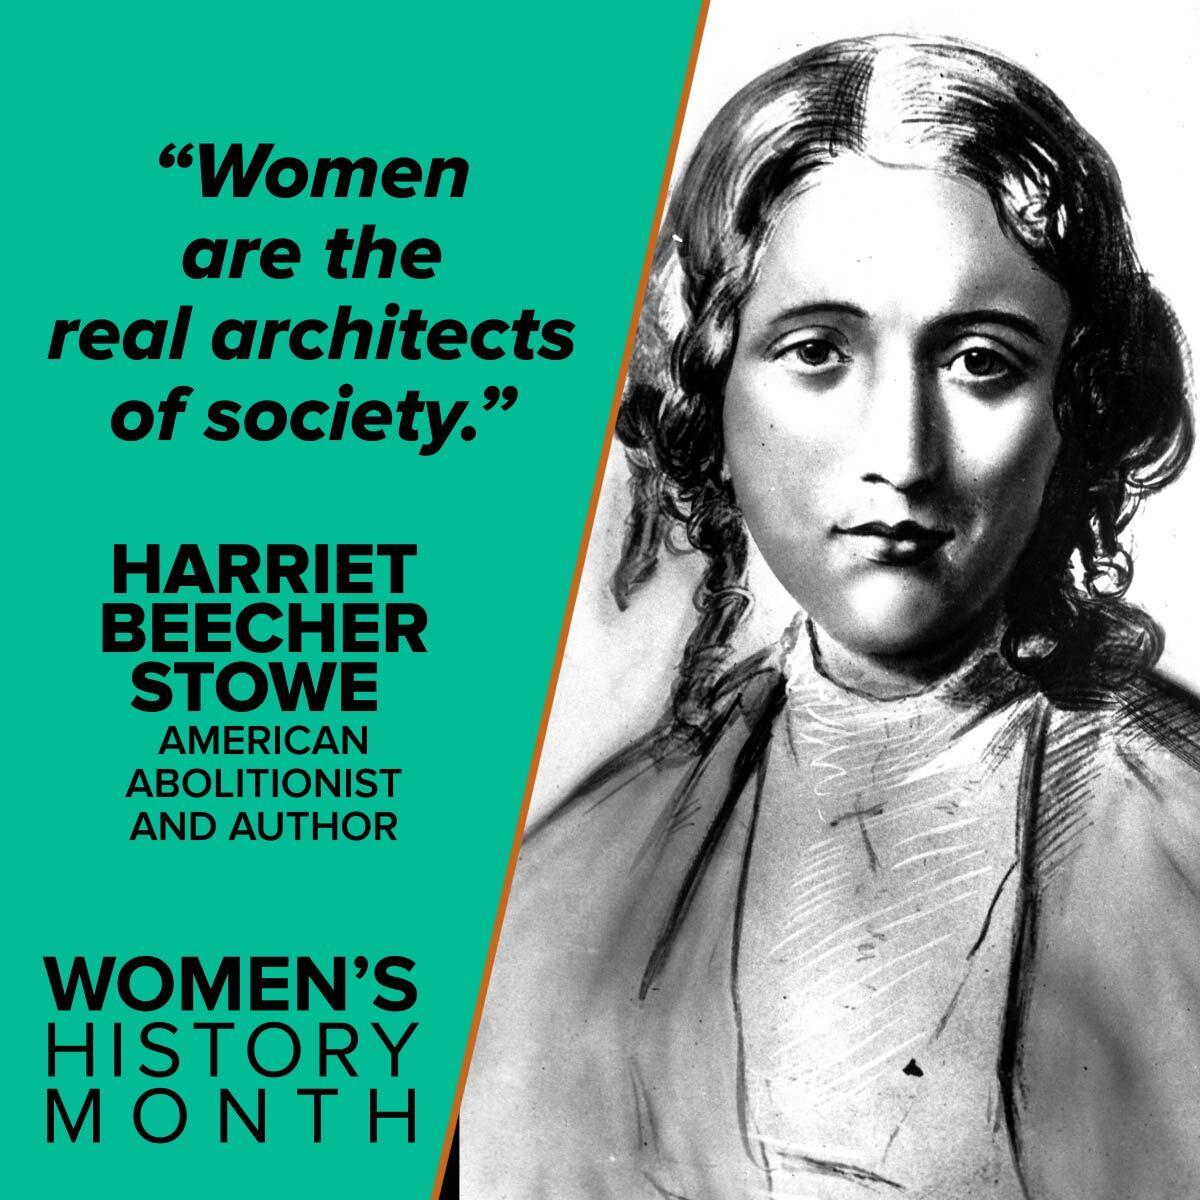 Women's History Month_Harriet Beecher Stowe .jpg